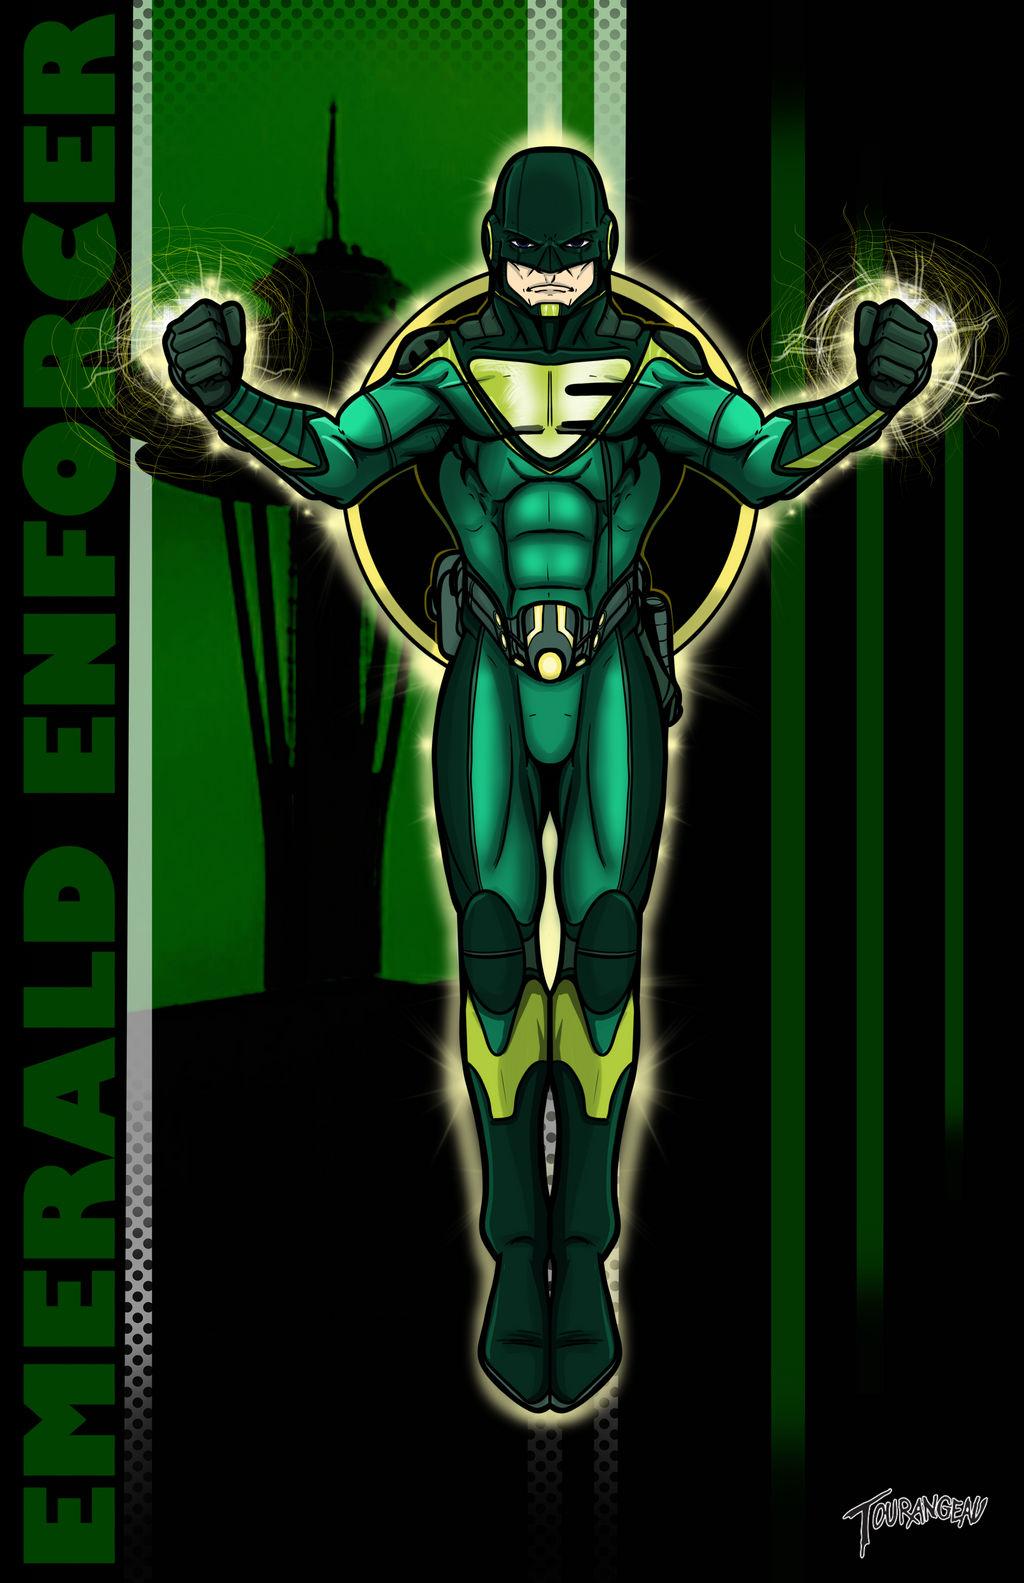 Emerald Enforcer 2